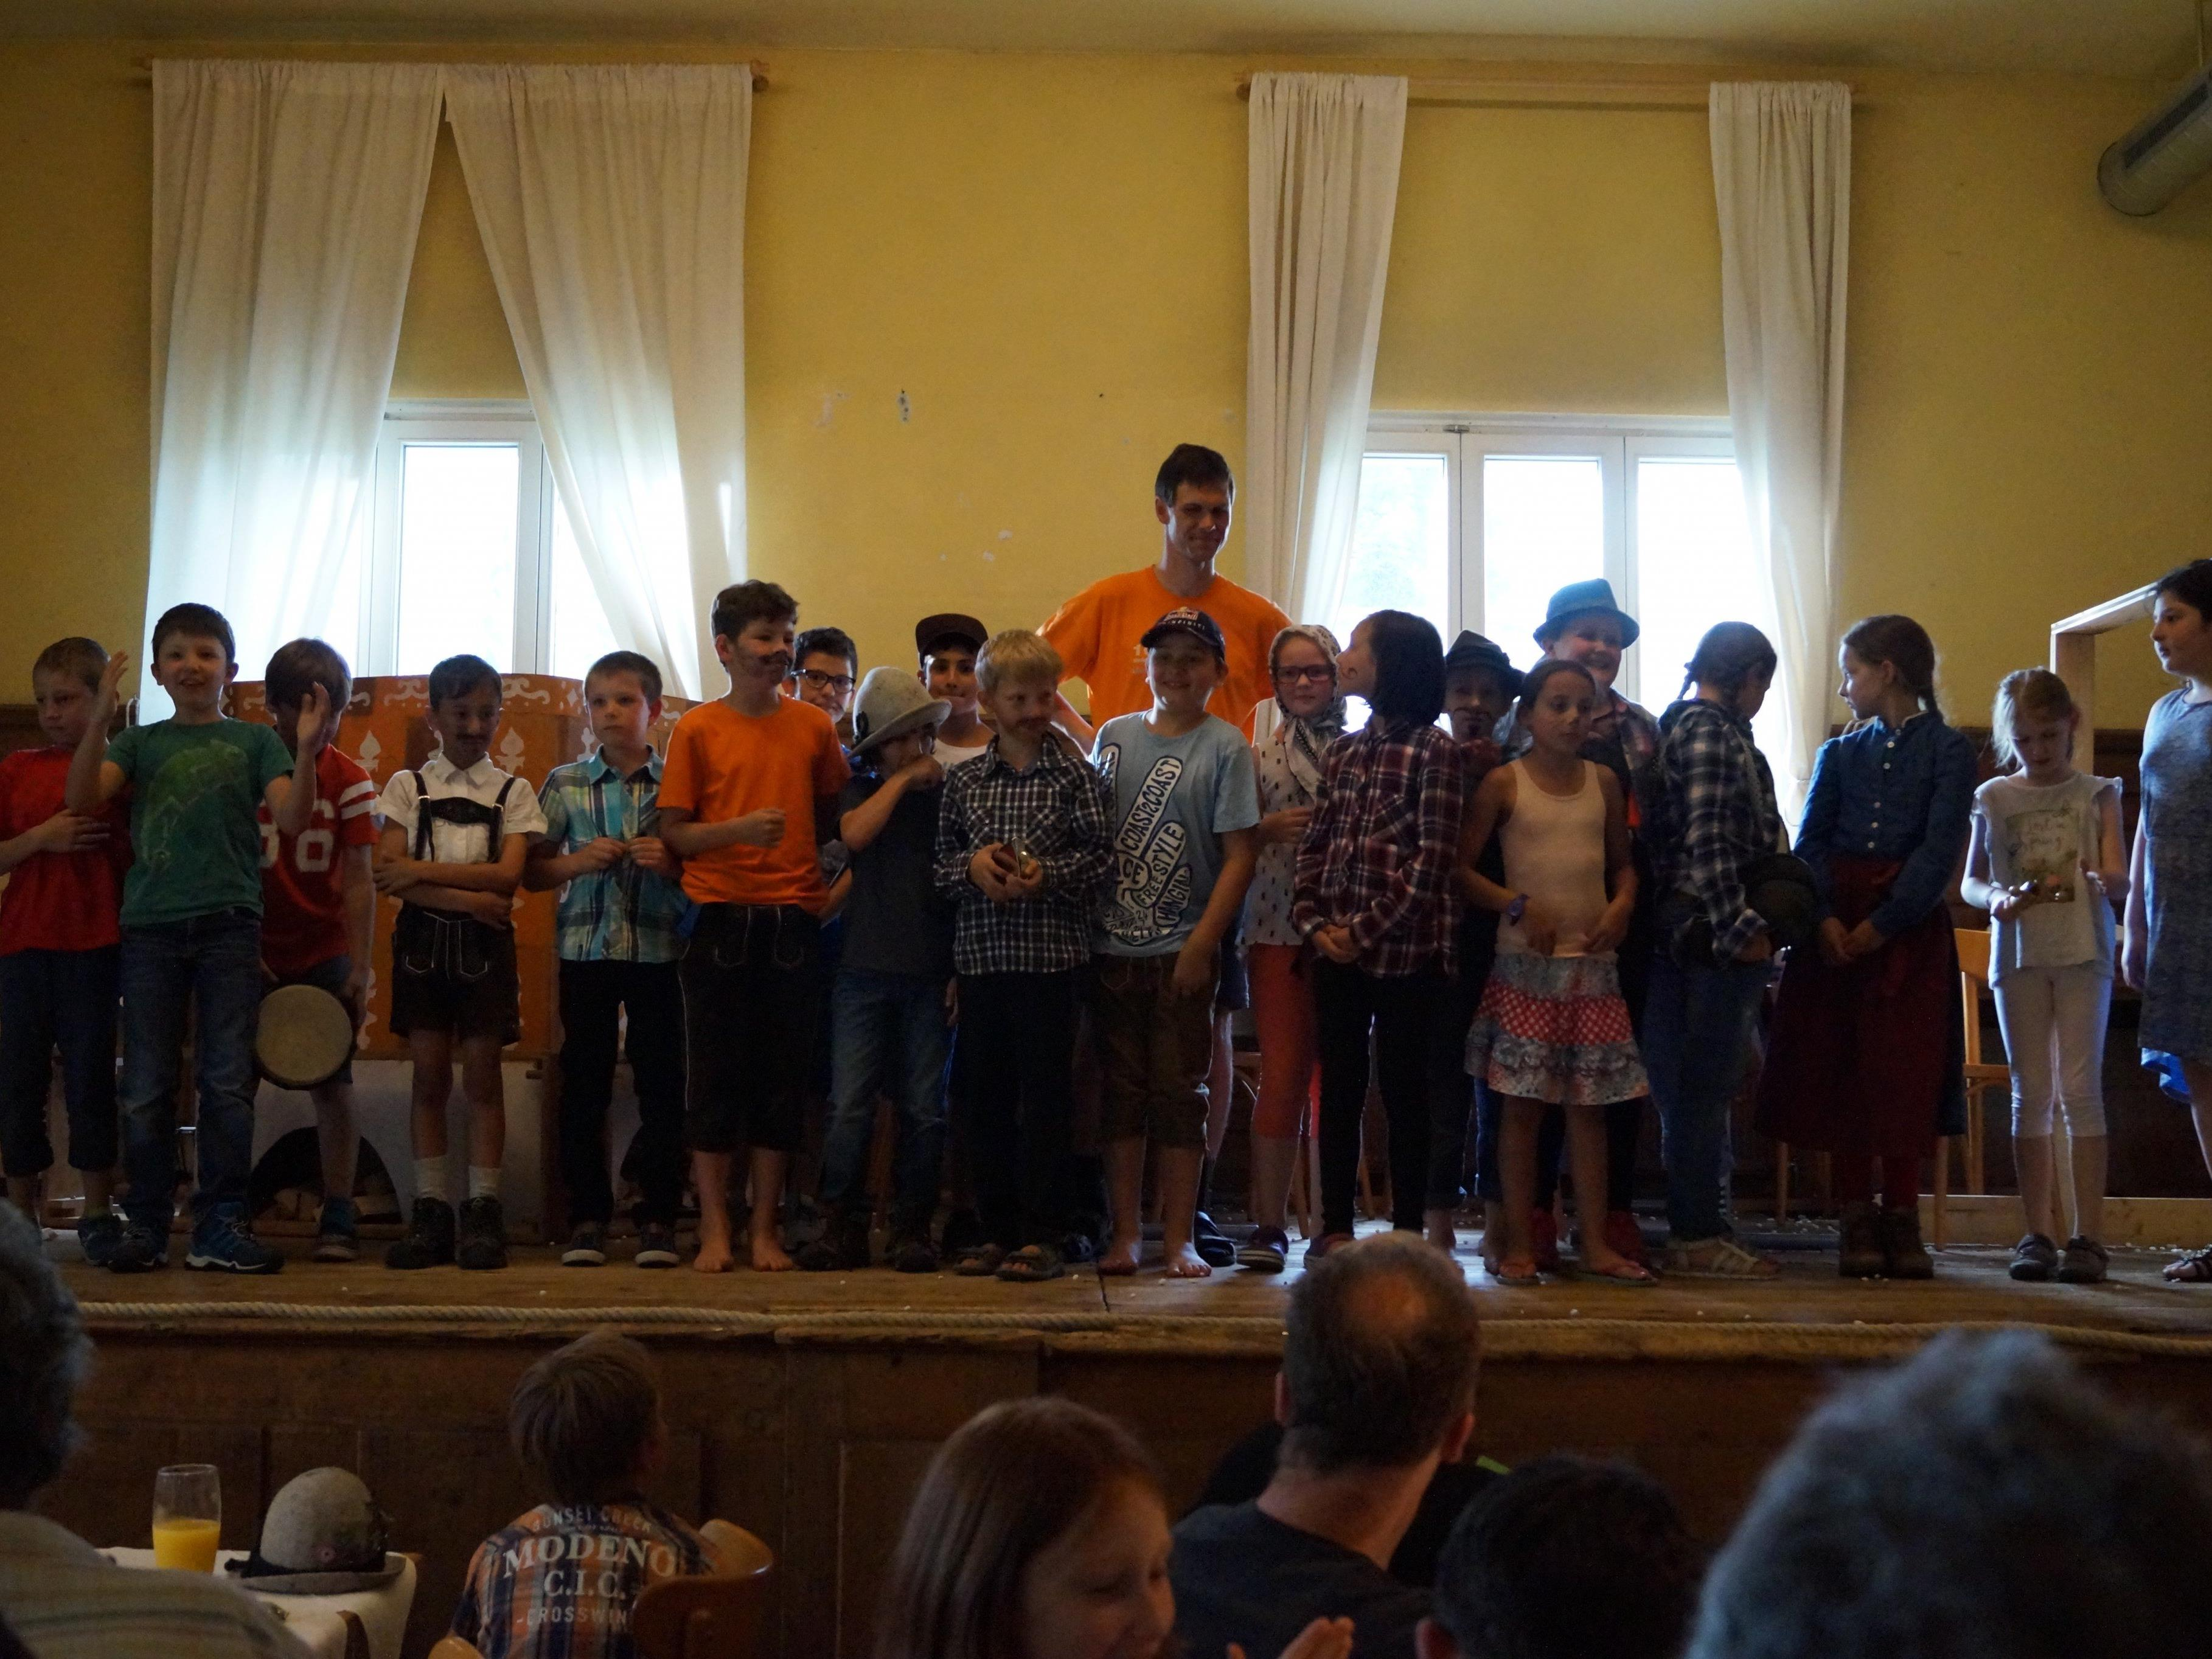 Alle 23 Kinder der Klasse meisterten ihre Rollen souverän.